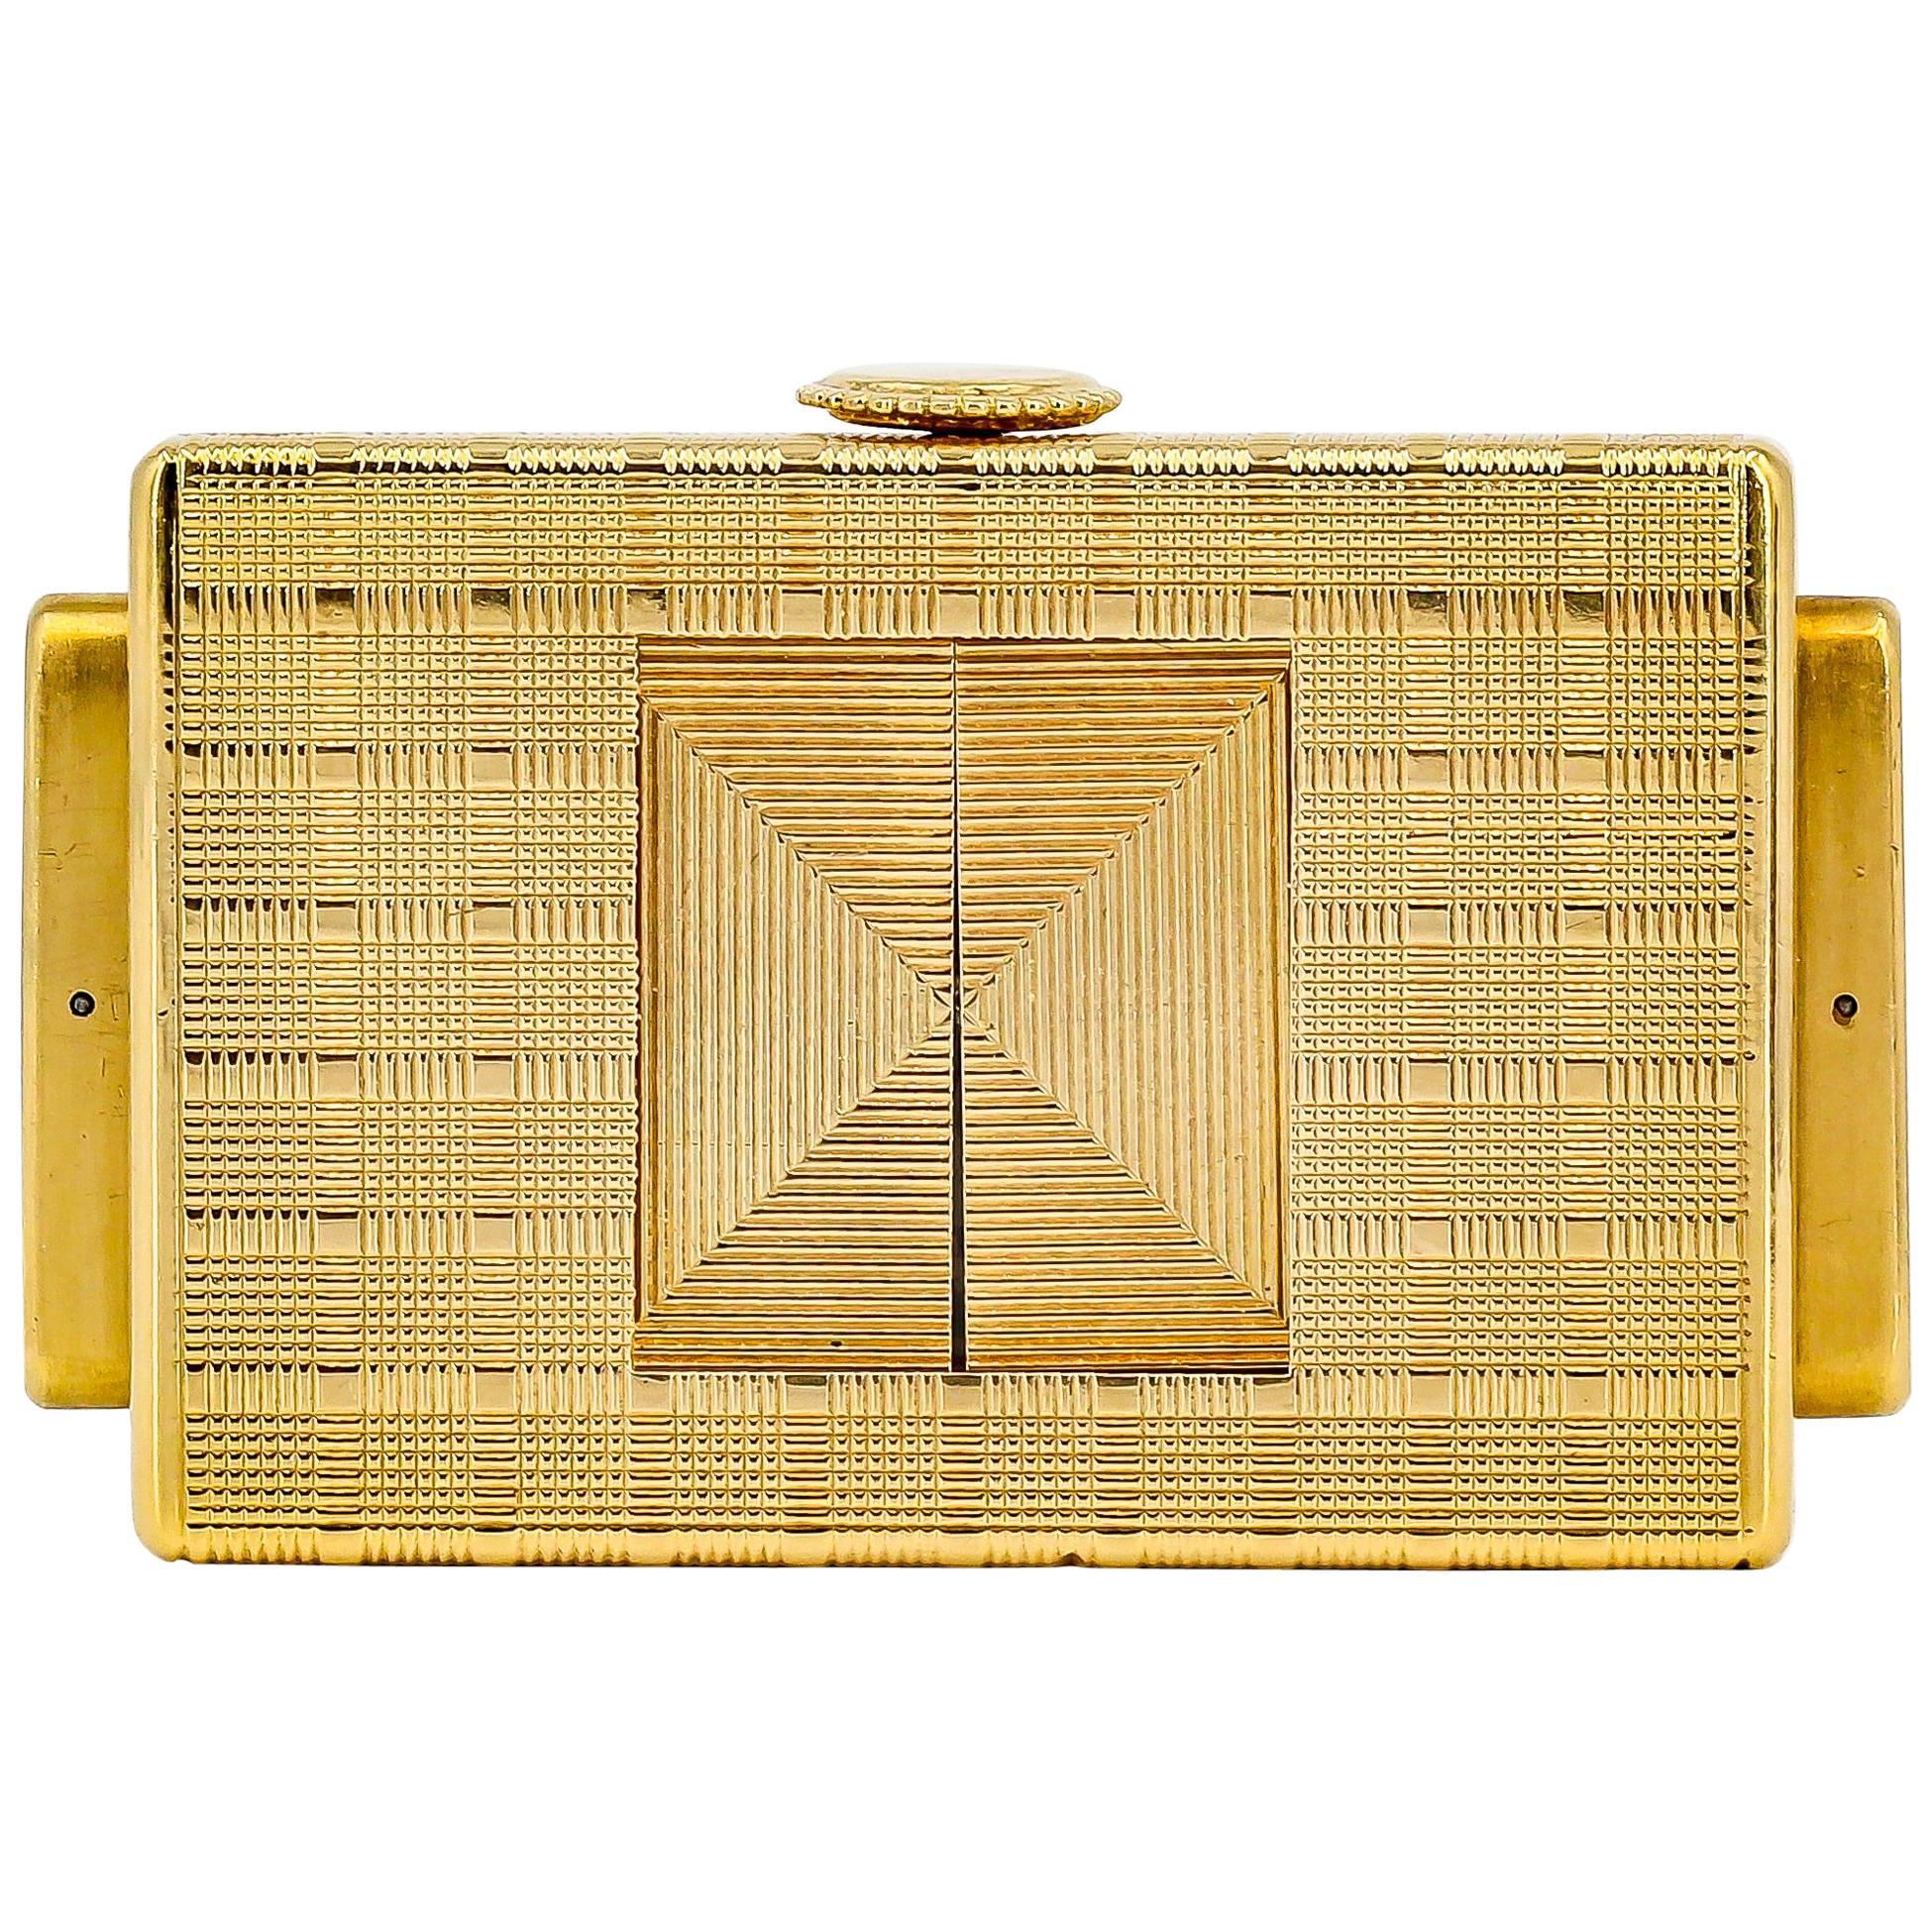 Cartier Yellow Gold Traveling Shutter Mechanical wind Watch Clock